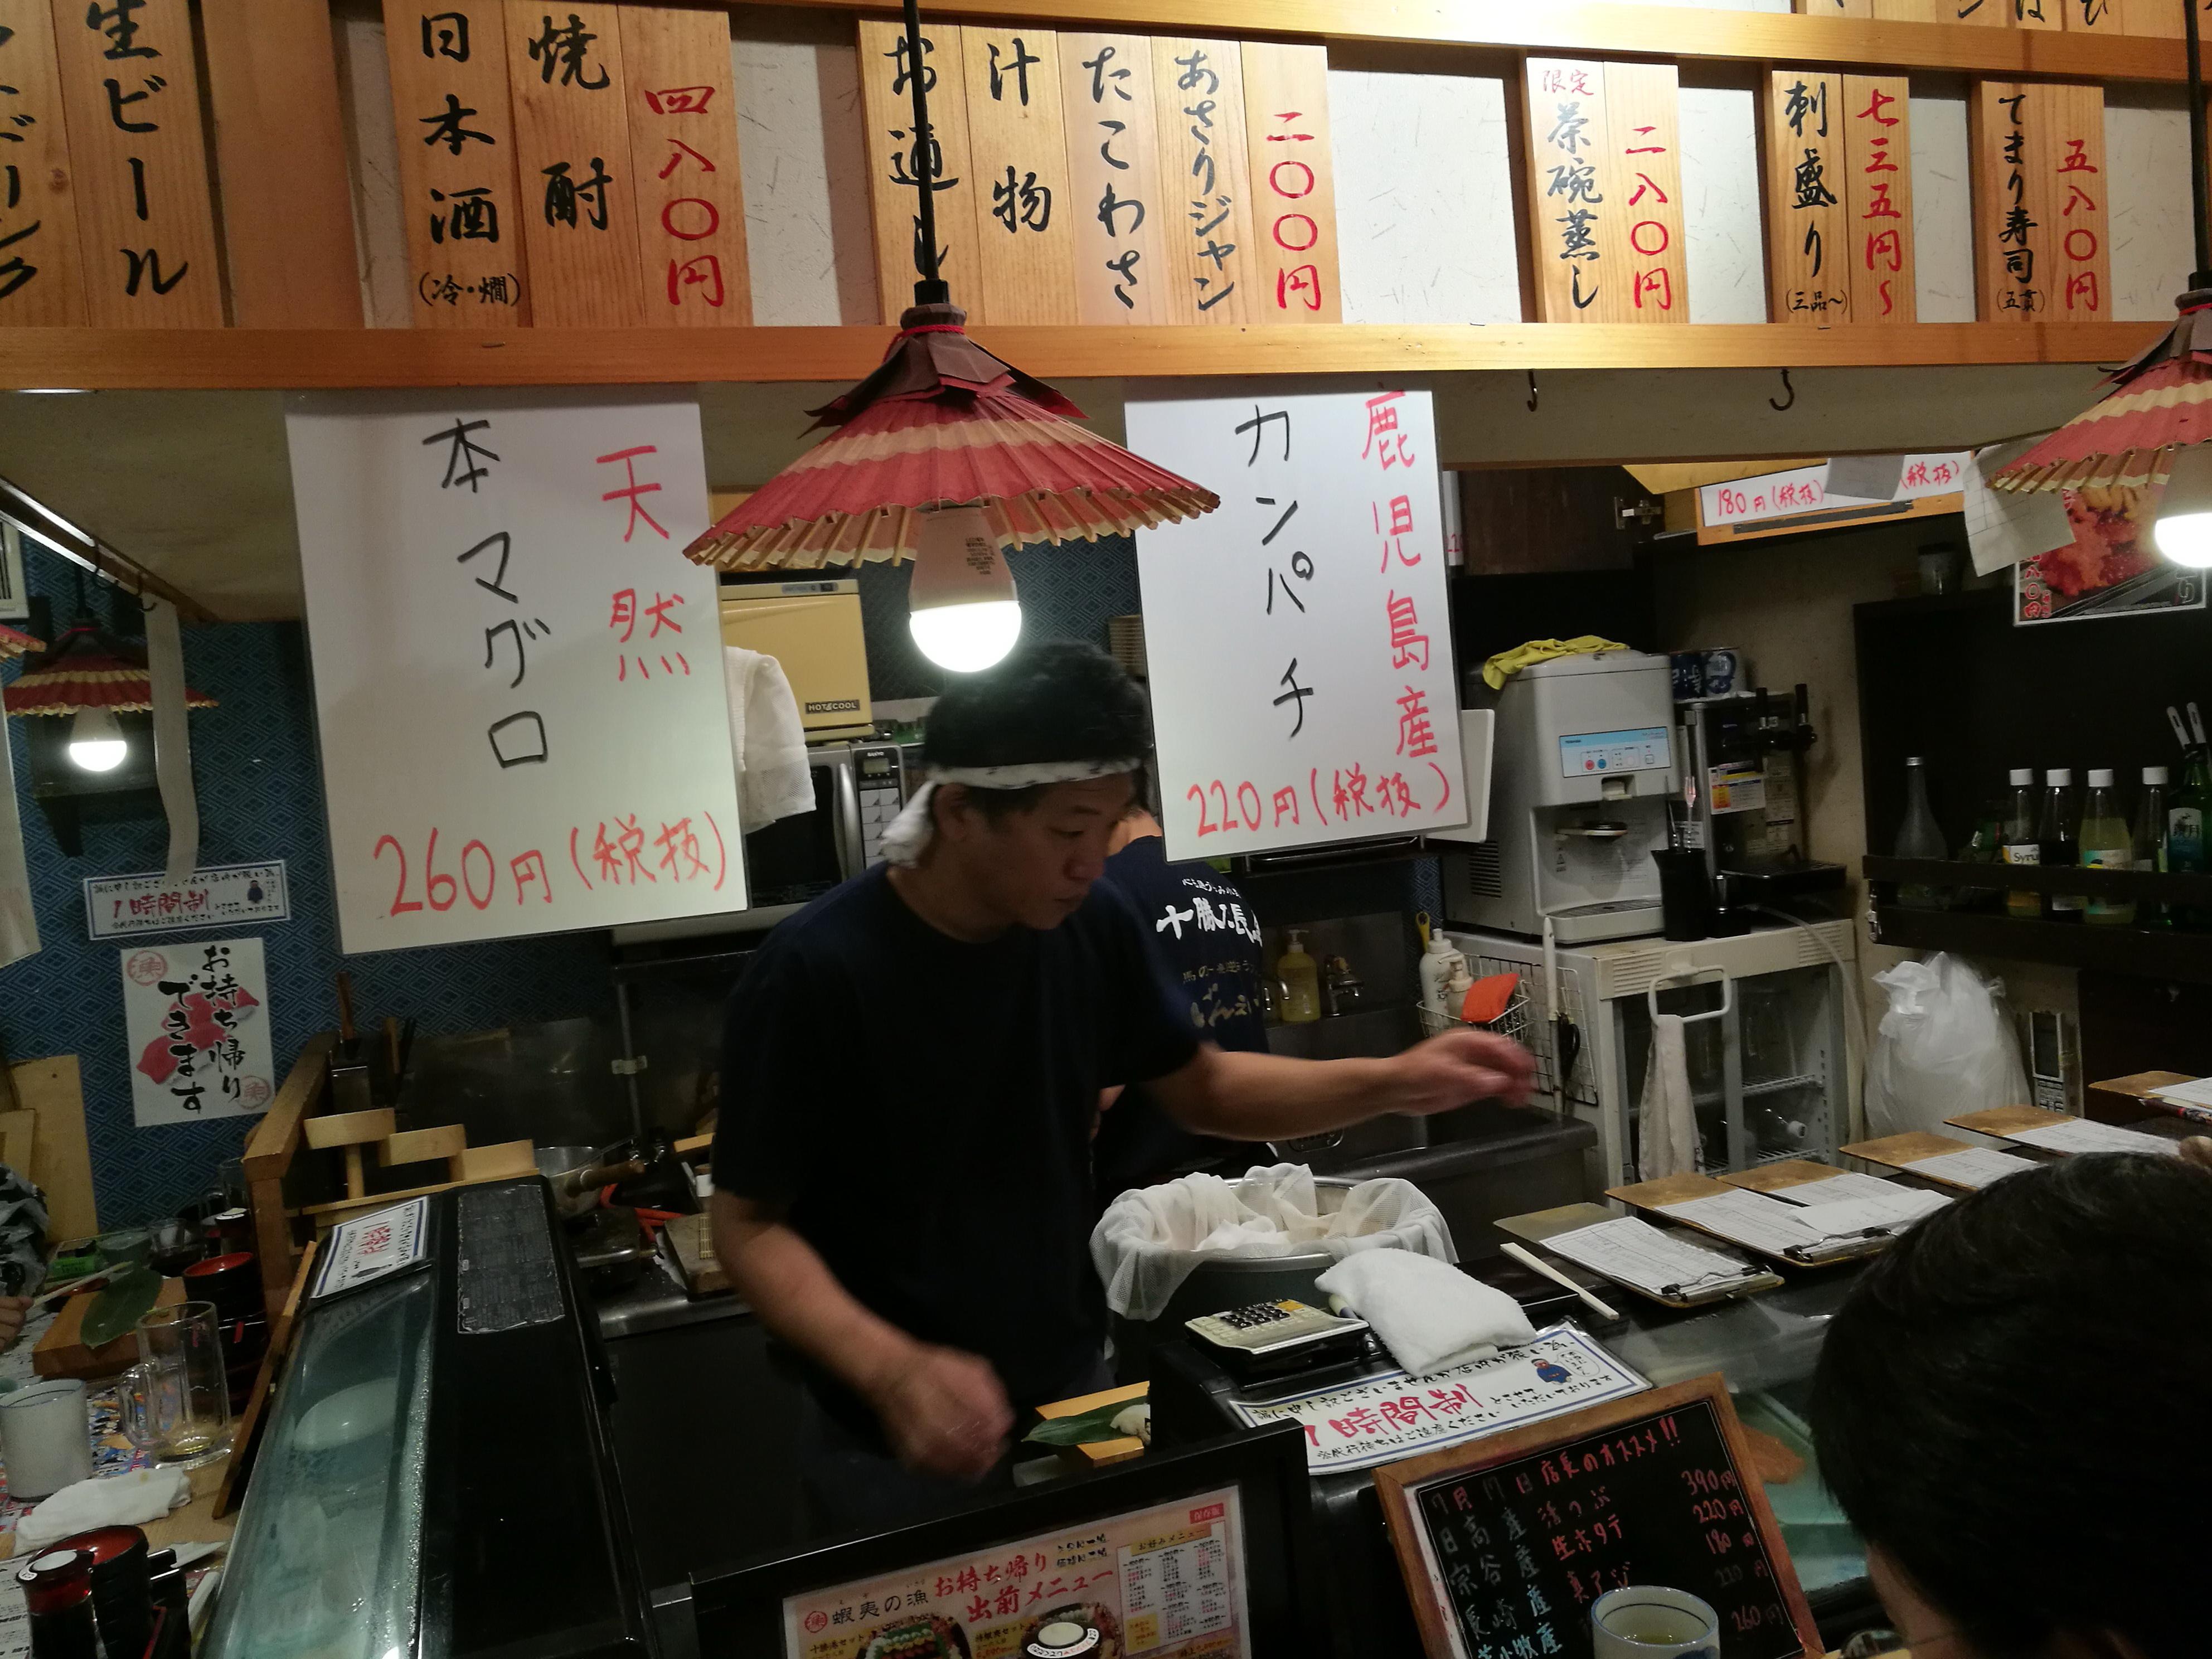 เที่ยวญี่ปุ่น เที่ยวฮอกไกโด ที่เที่ยวฮอกไกโด ฮอกไกโดหน้าร้อน